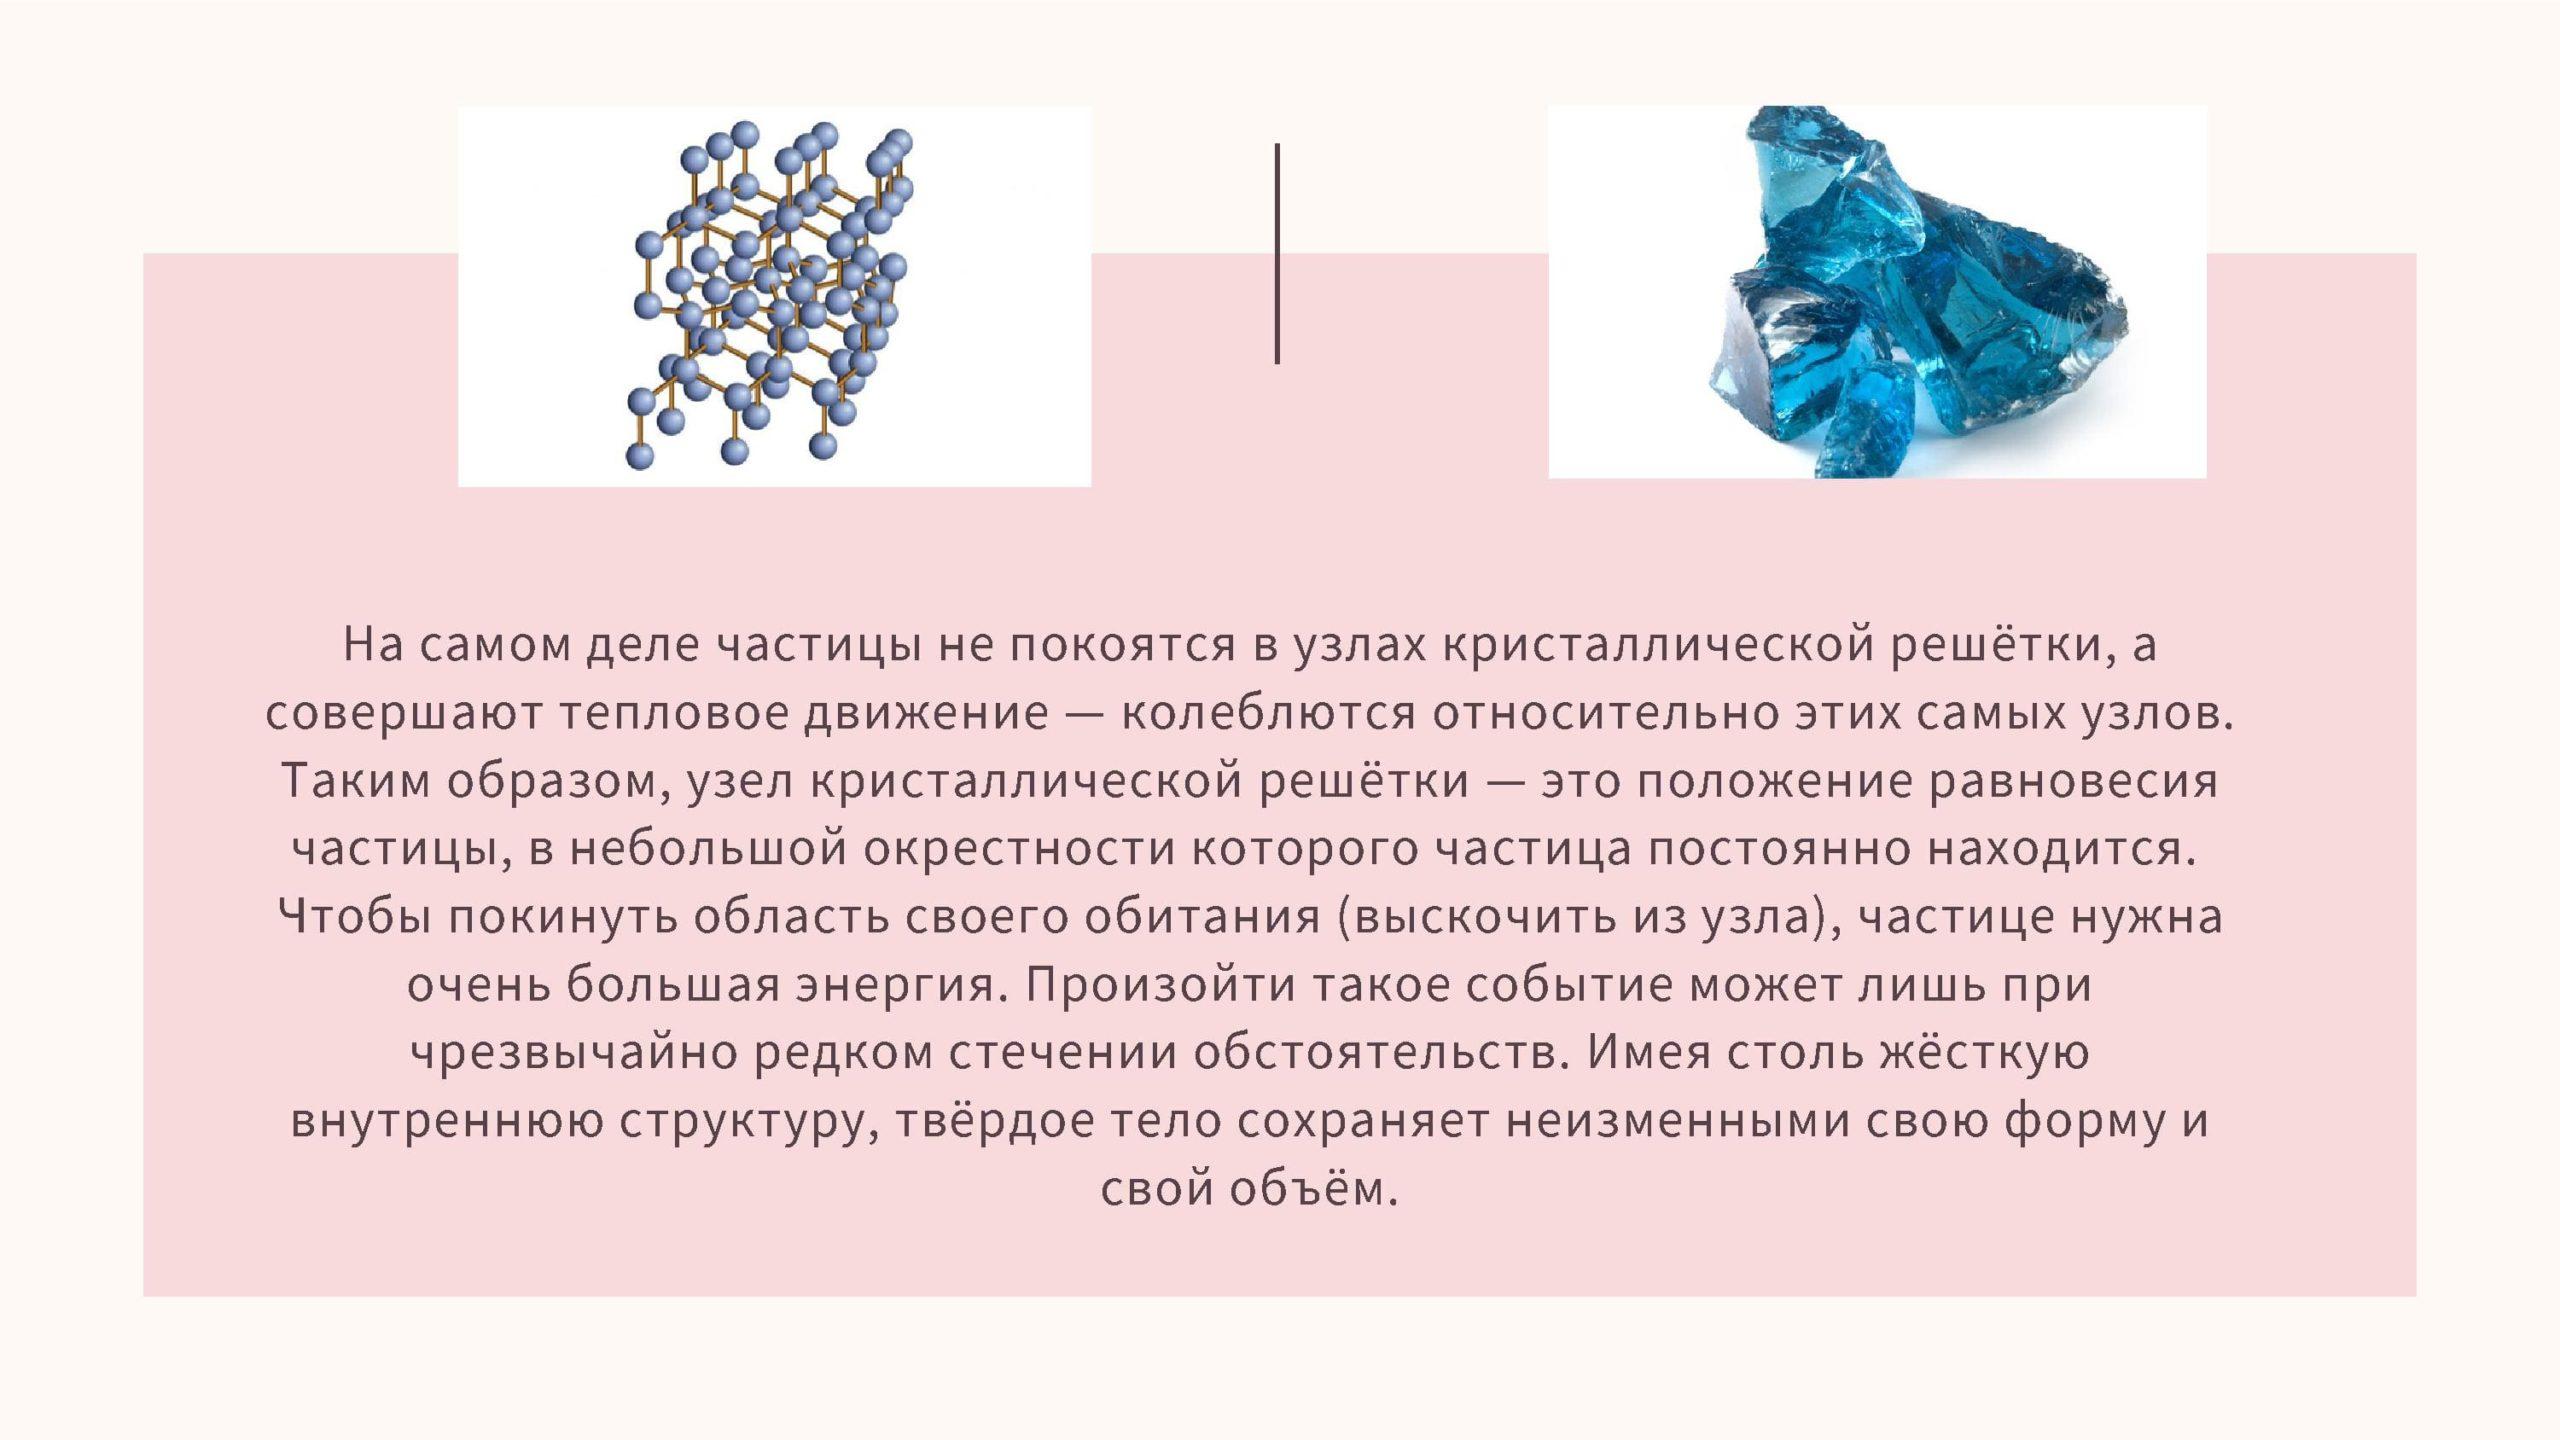 На самом деле частицы не покоятся в узлах кристаллической решётки